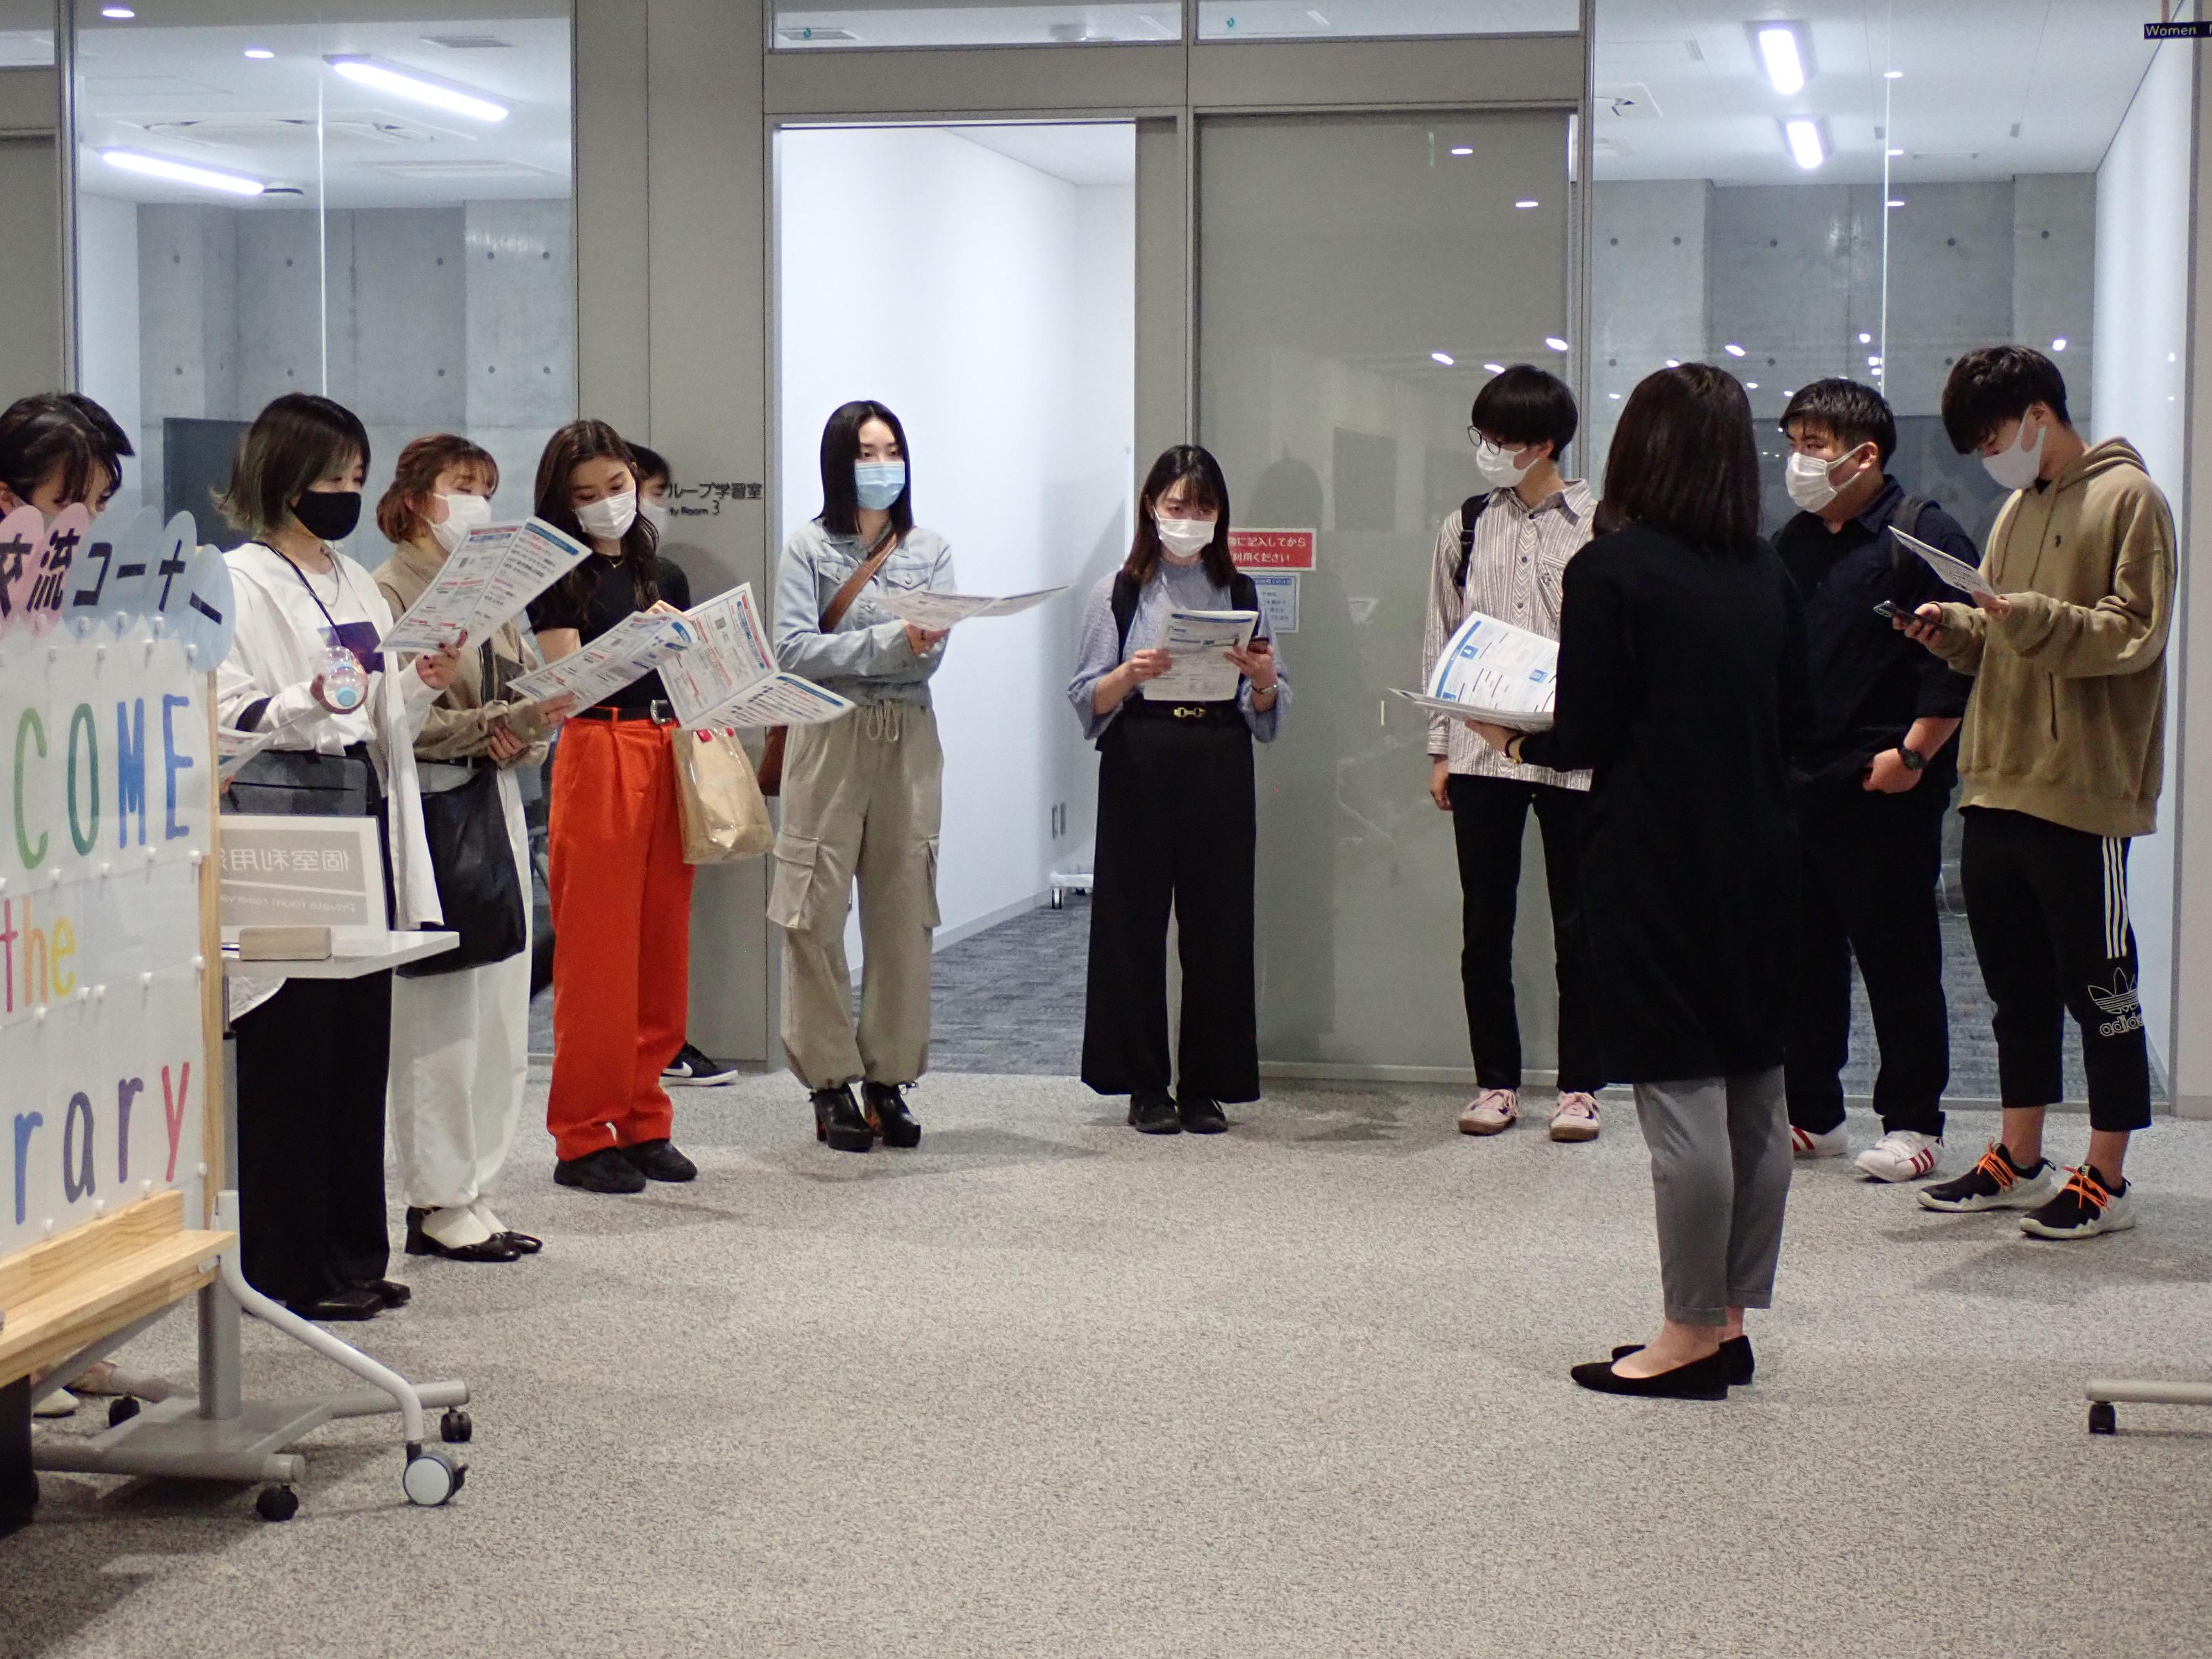 キャリア支援サイトの利用案内を手に、説明を聞く学生の写真